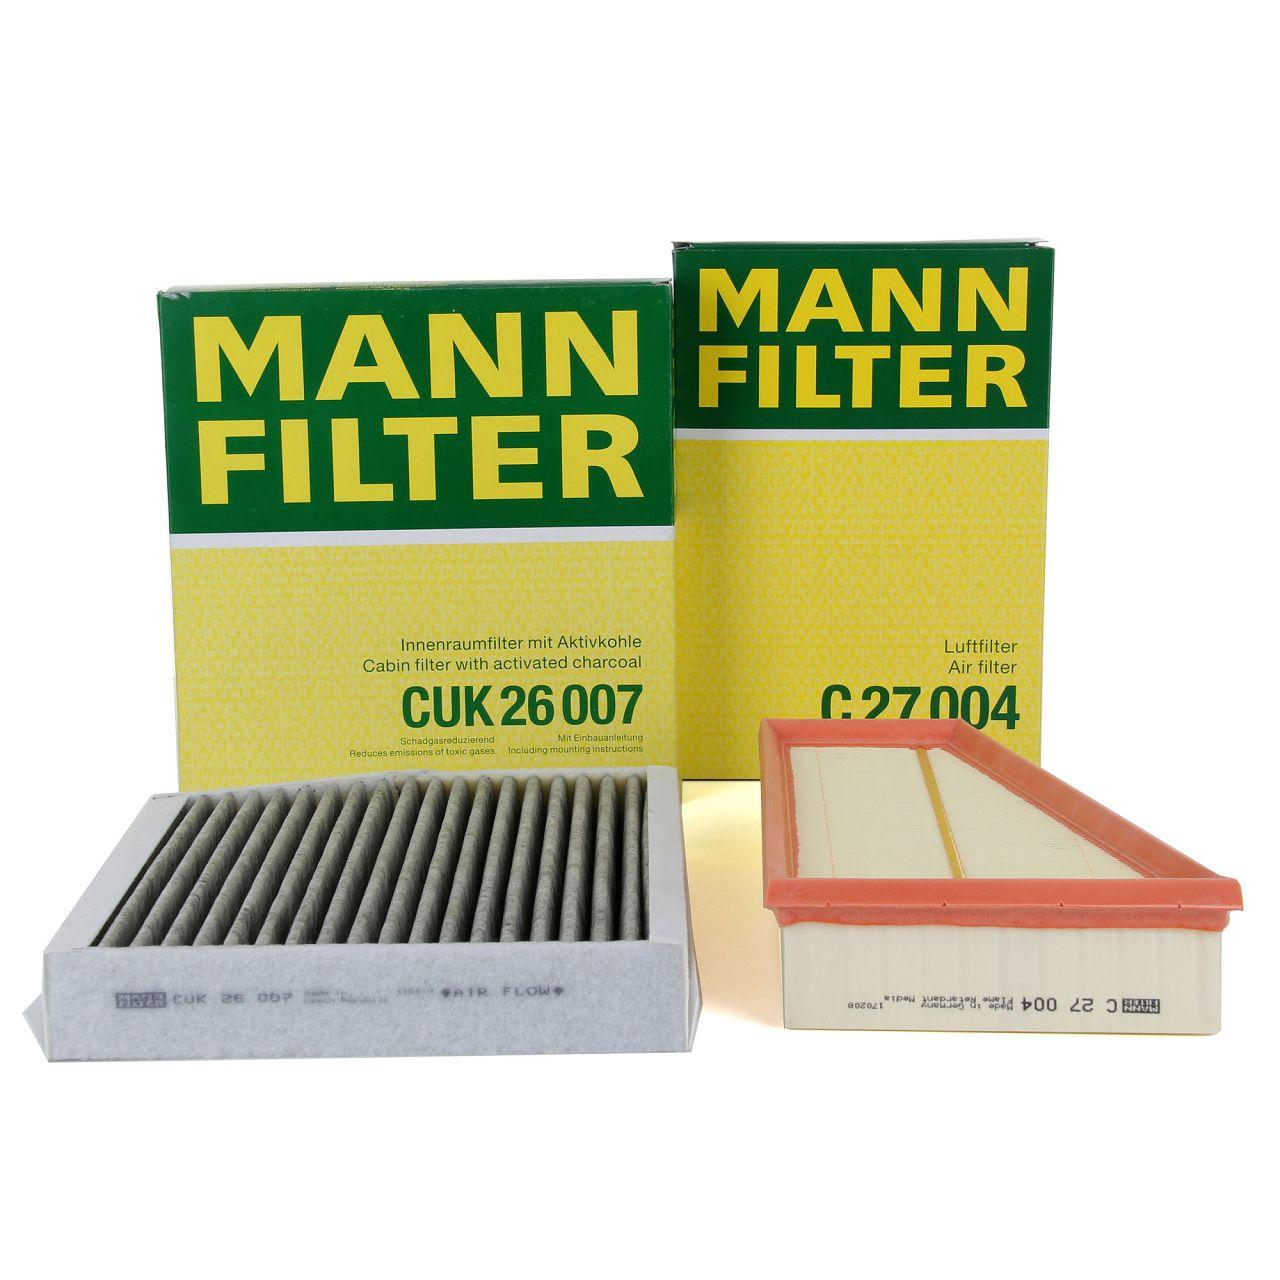 MANN Filterset für MERCEDES W176 W246 W242 C117 X117 X156 160-250 102-218 PS